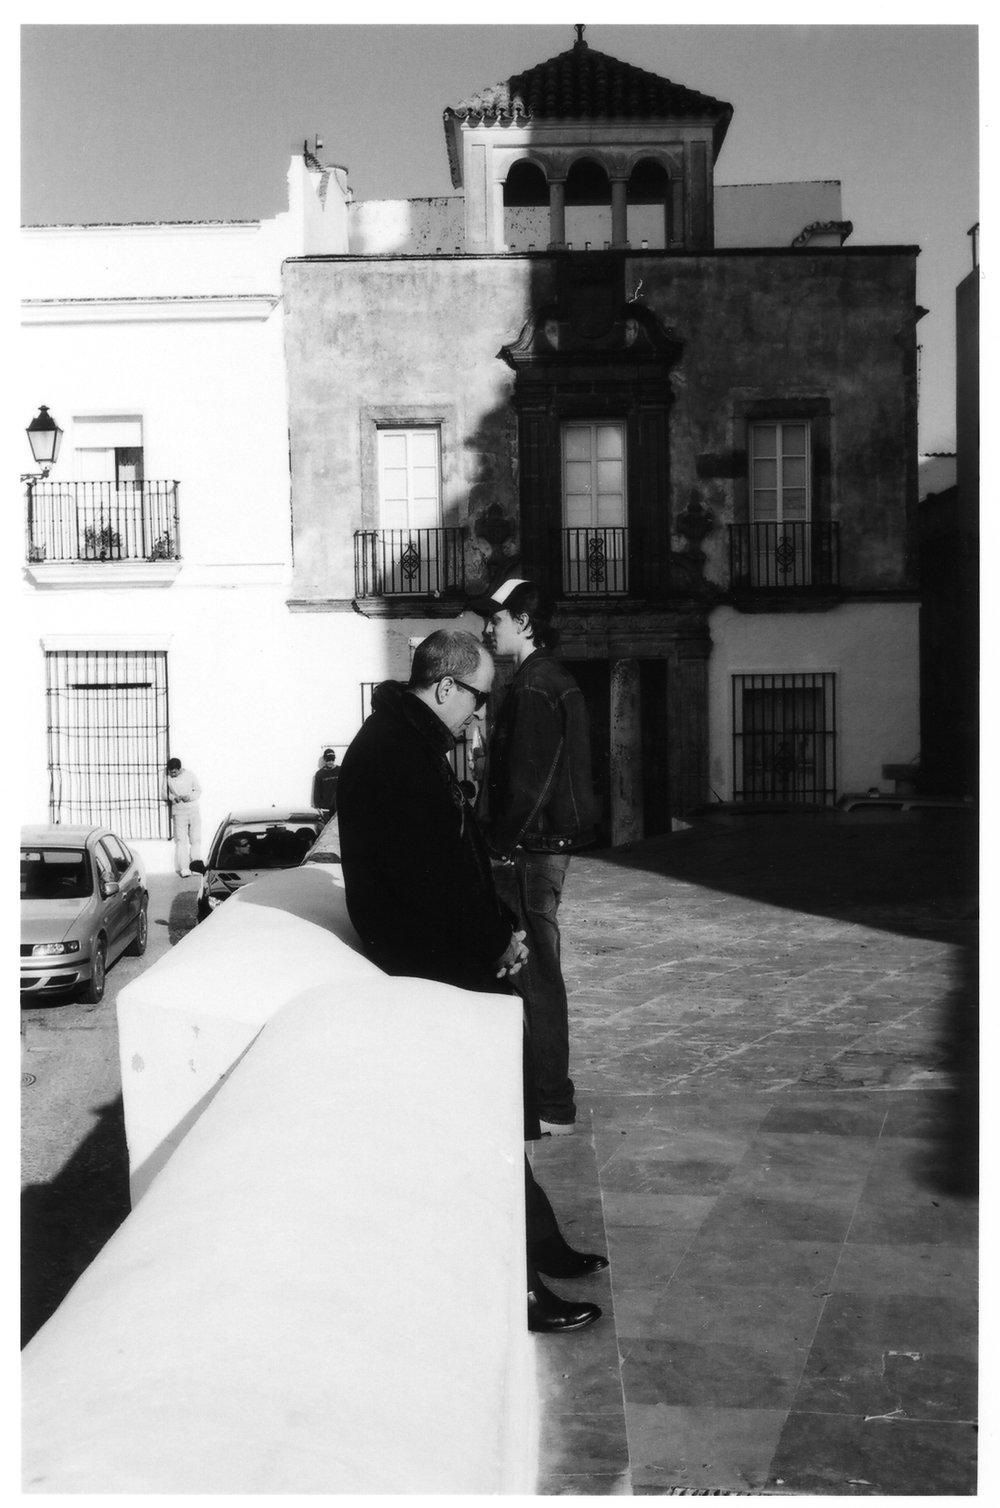 lucas&alberto3.jpg